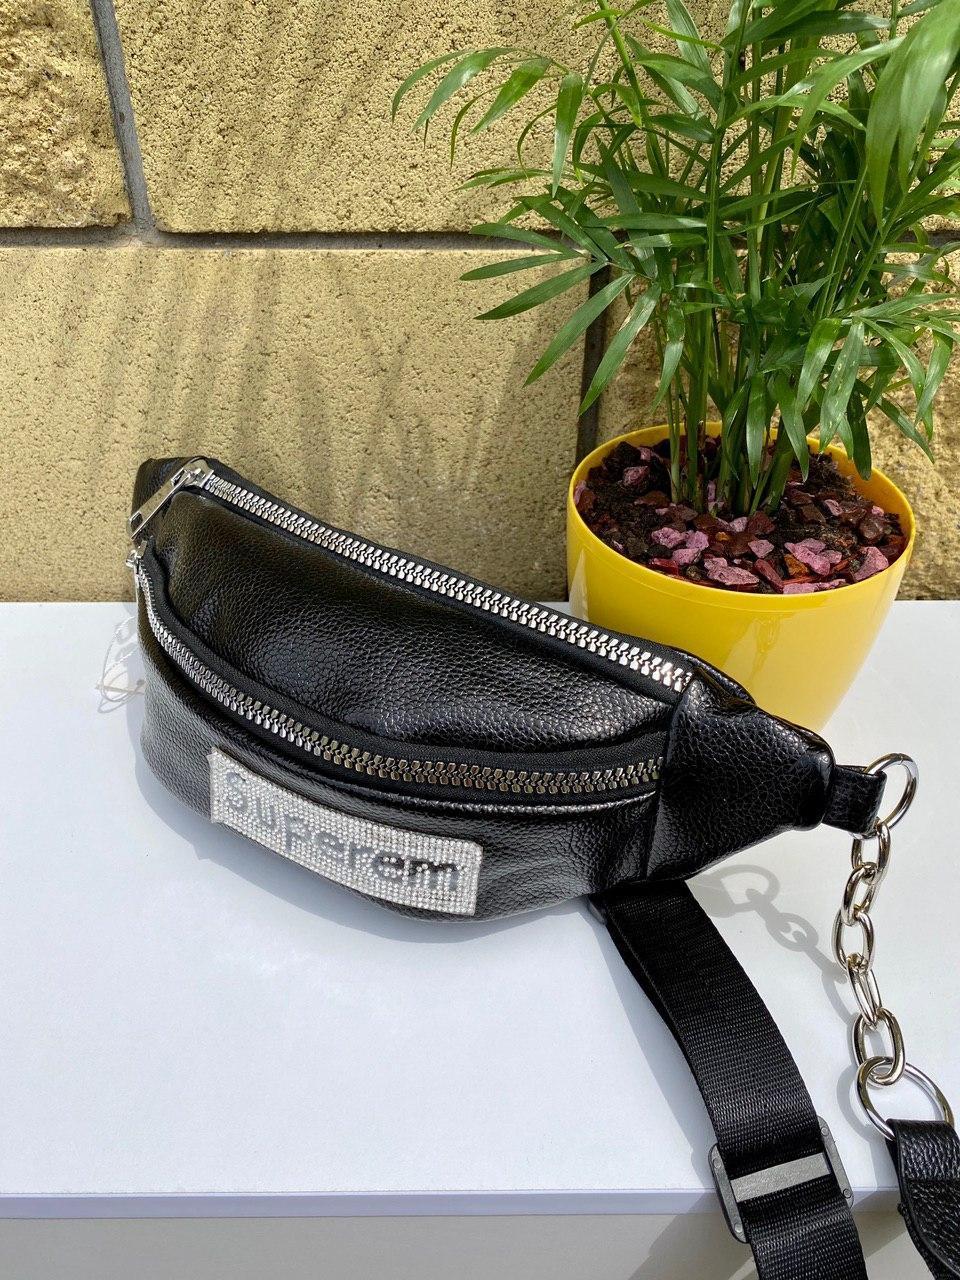 Поясная сумочка (бананка) Superem с широким текстильным ремешком черная женская сумка Сумка для девушки